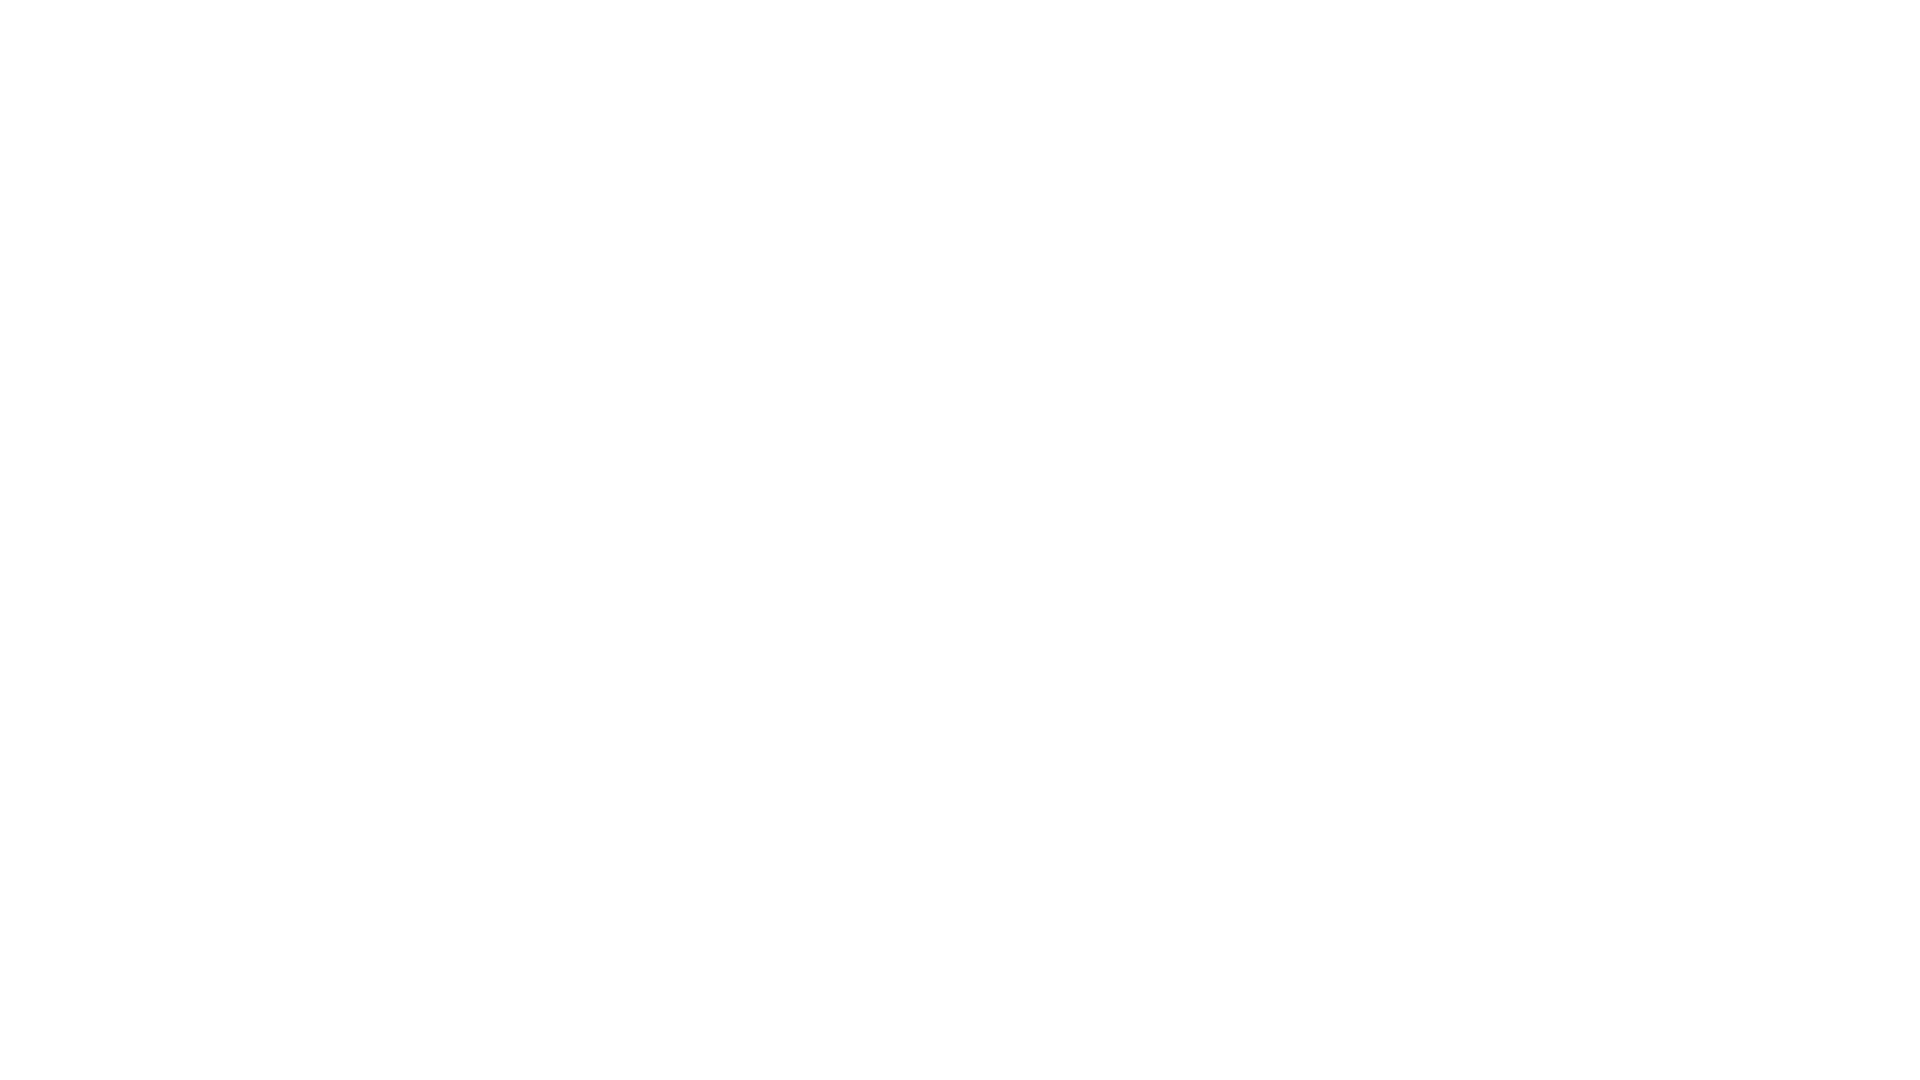 ※100個限定販売 至高下半身盗撮 プレミアム Vol.24 ハイビジョン エッチなお姉さん | 丸見え  89画像 85